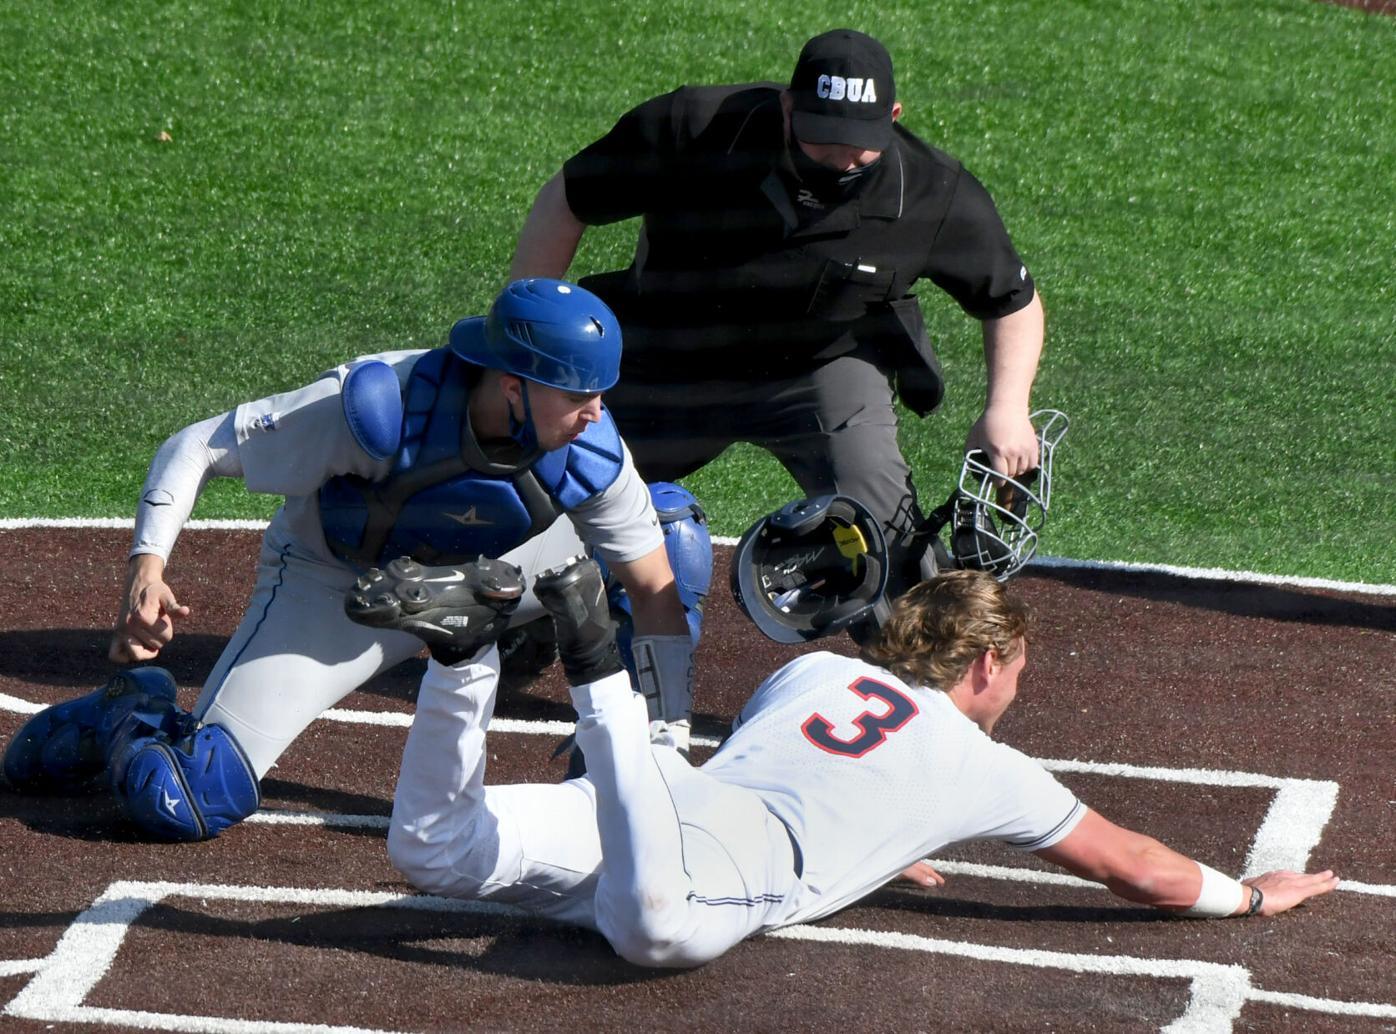 032321 UConn Baseball 02.jpg